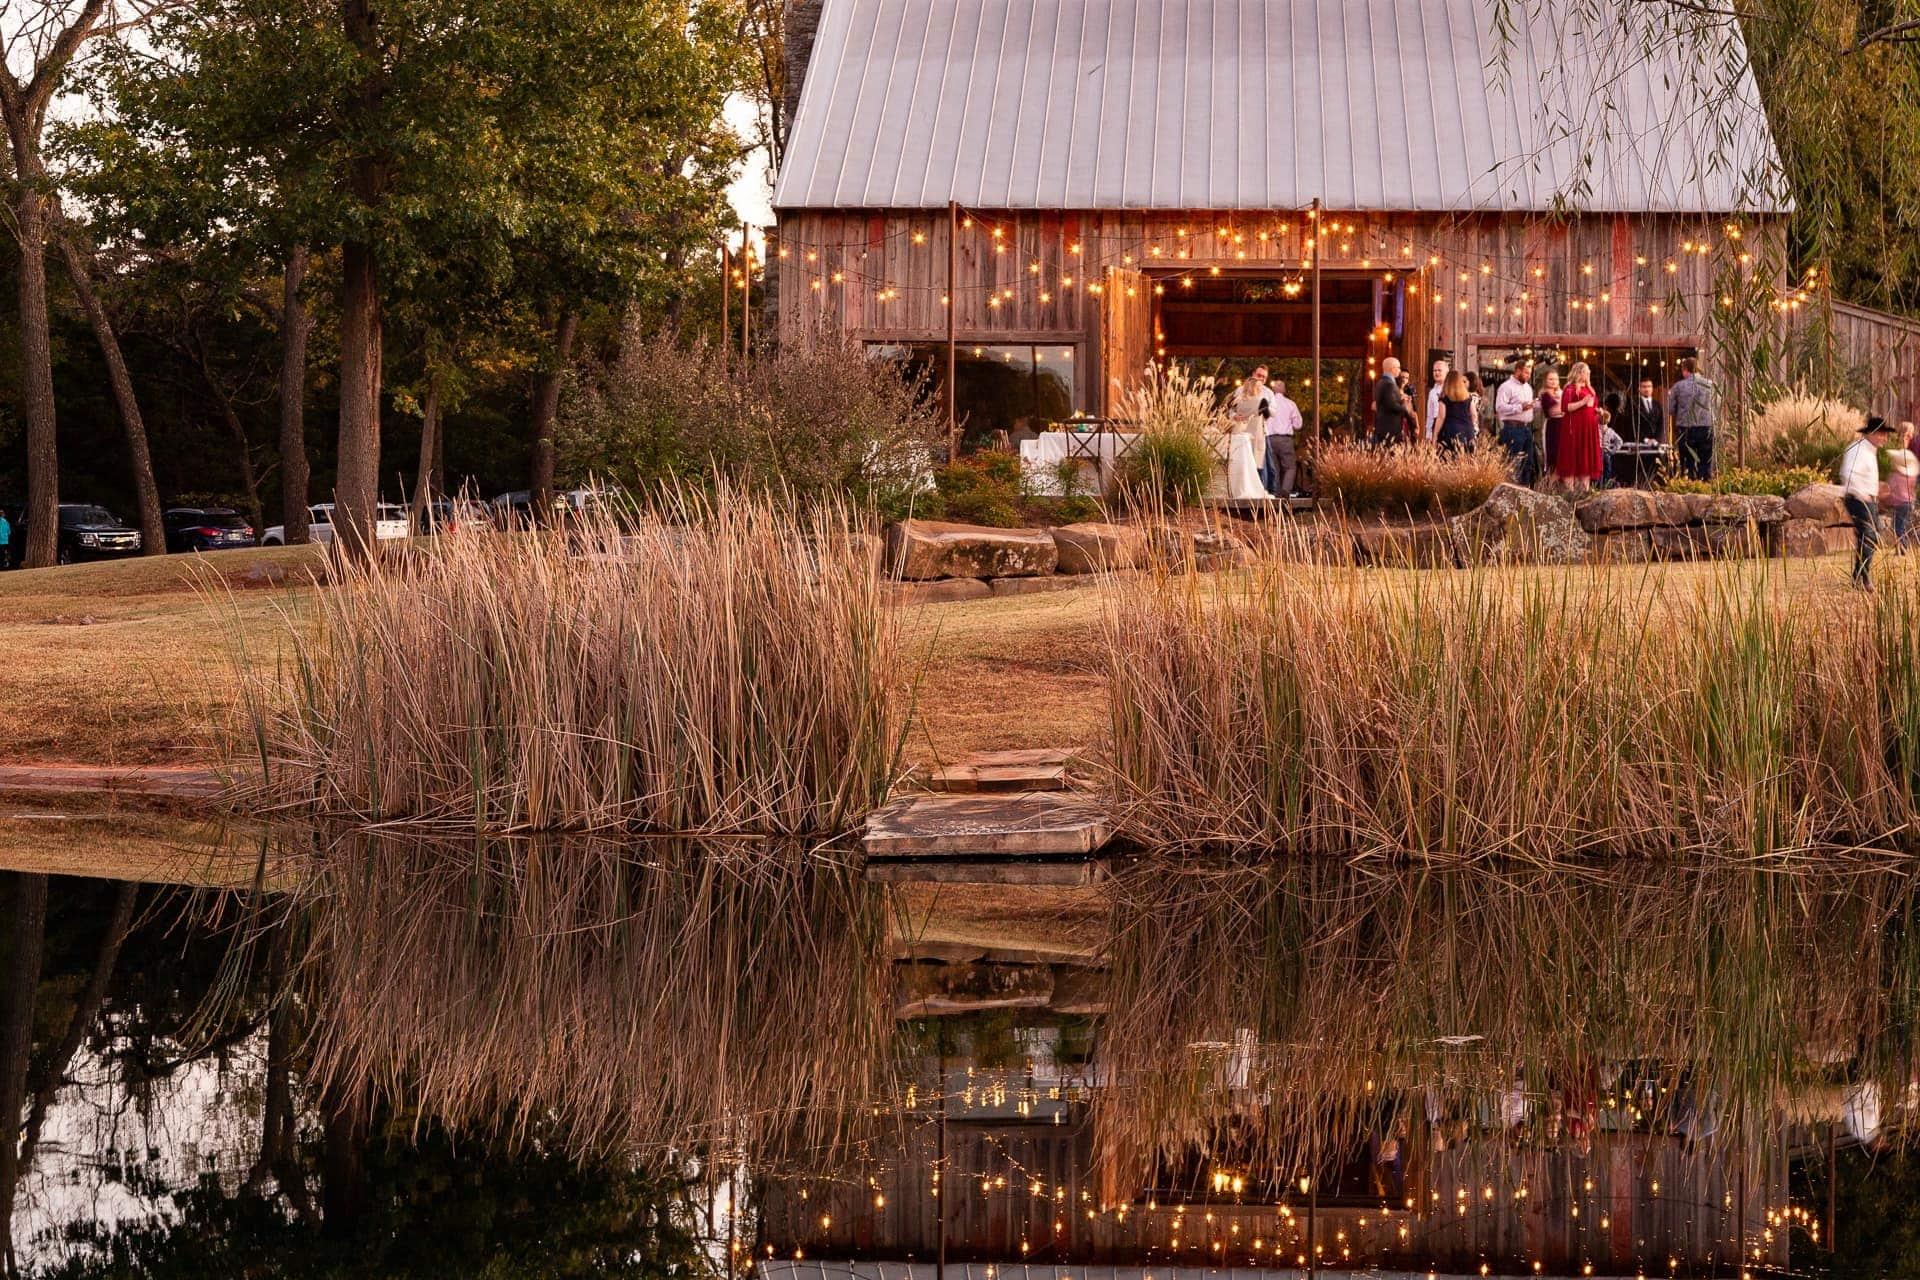 Great Wedding Location at Esperanza Ranch